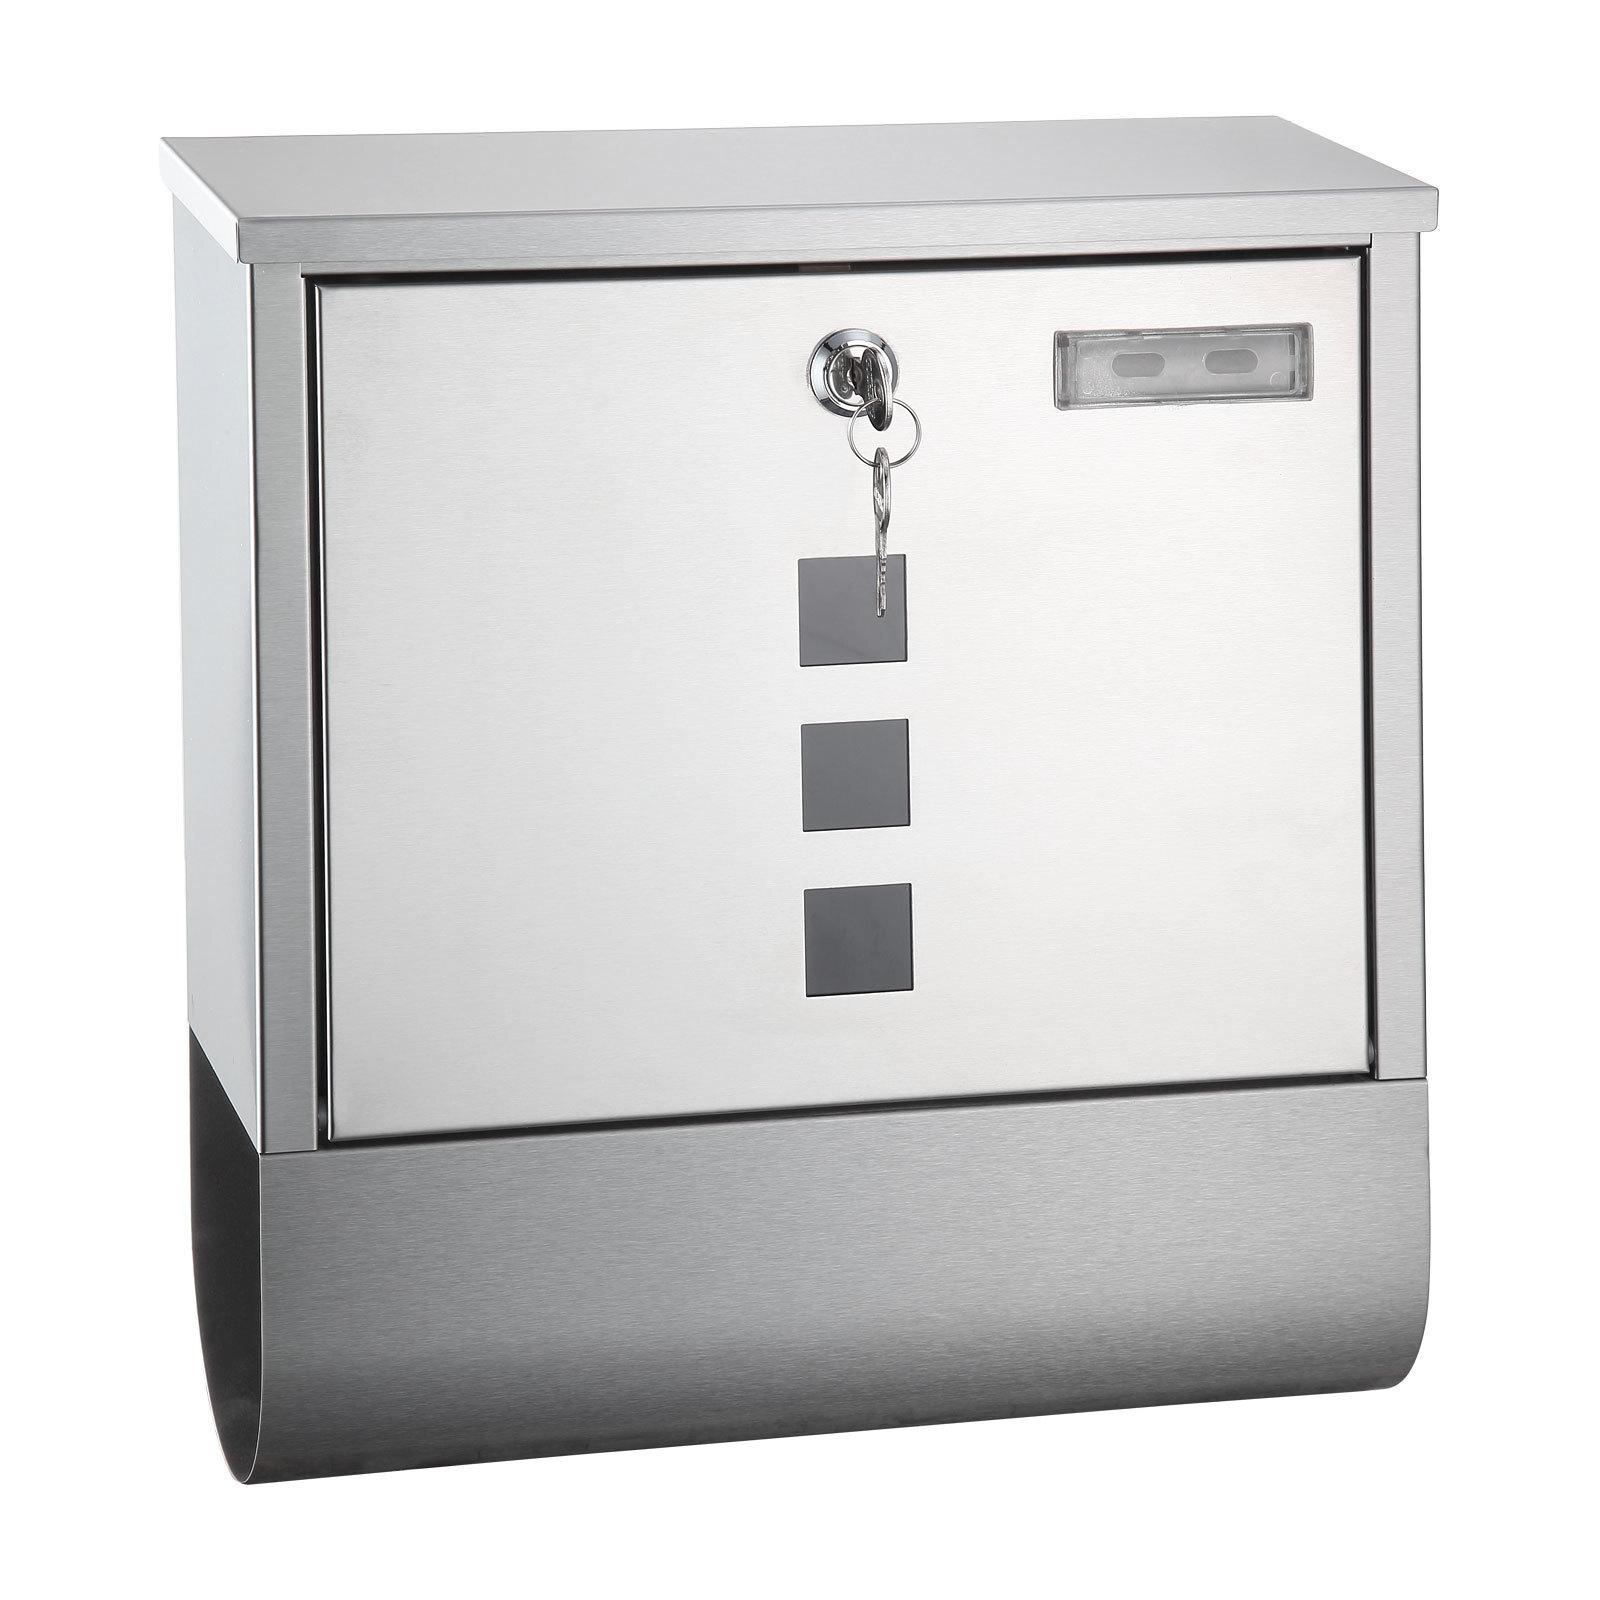 edelstahl design briefkasten postkasten mit sichtfenster zeitungsrolle silber ebay. Black Bedroom Furniture Sets. Home Design Ideas